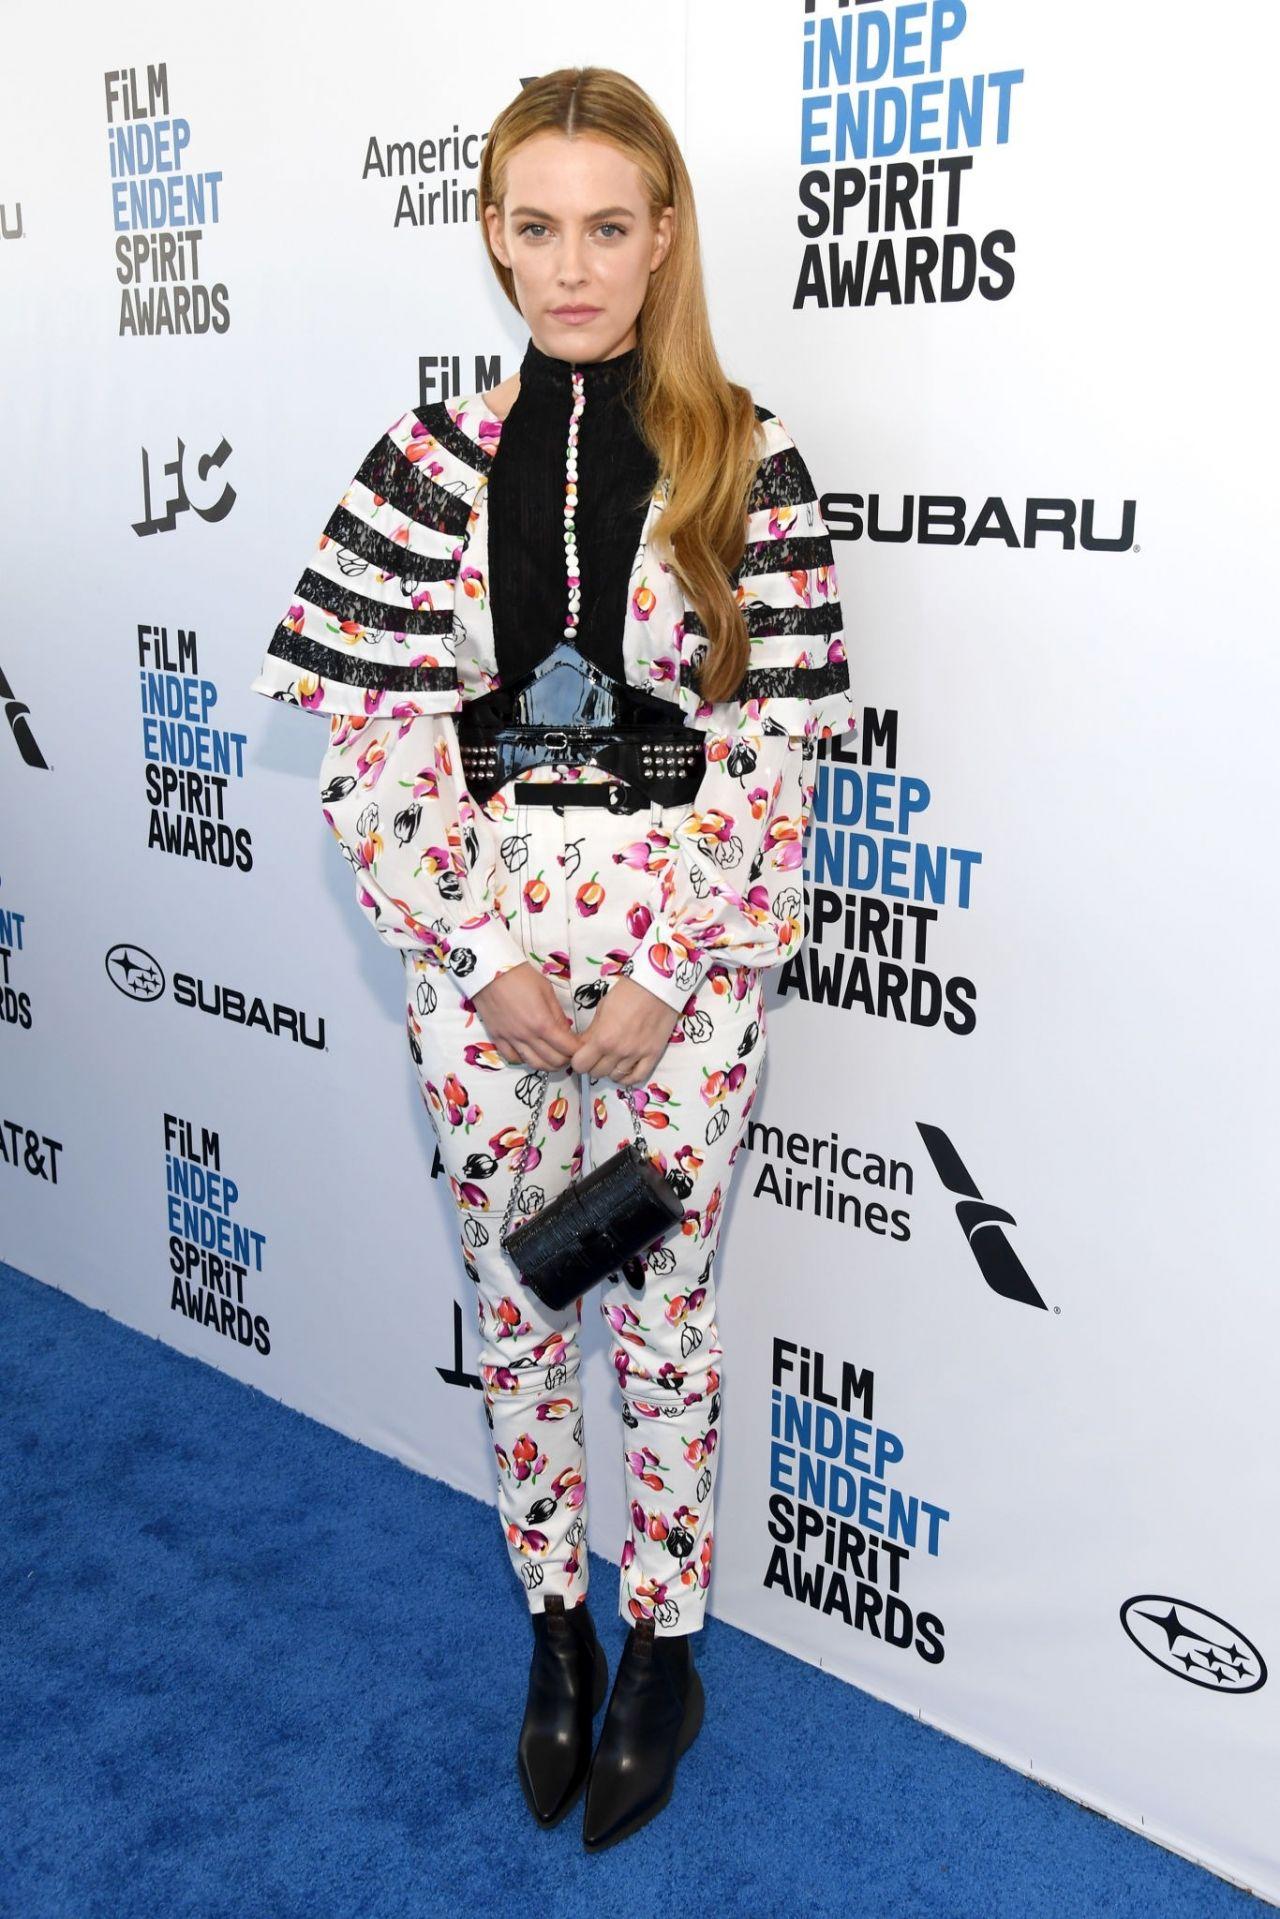 Riley Keough 2019 Film Independent Spirit Awards